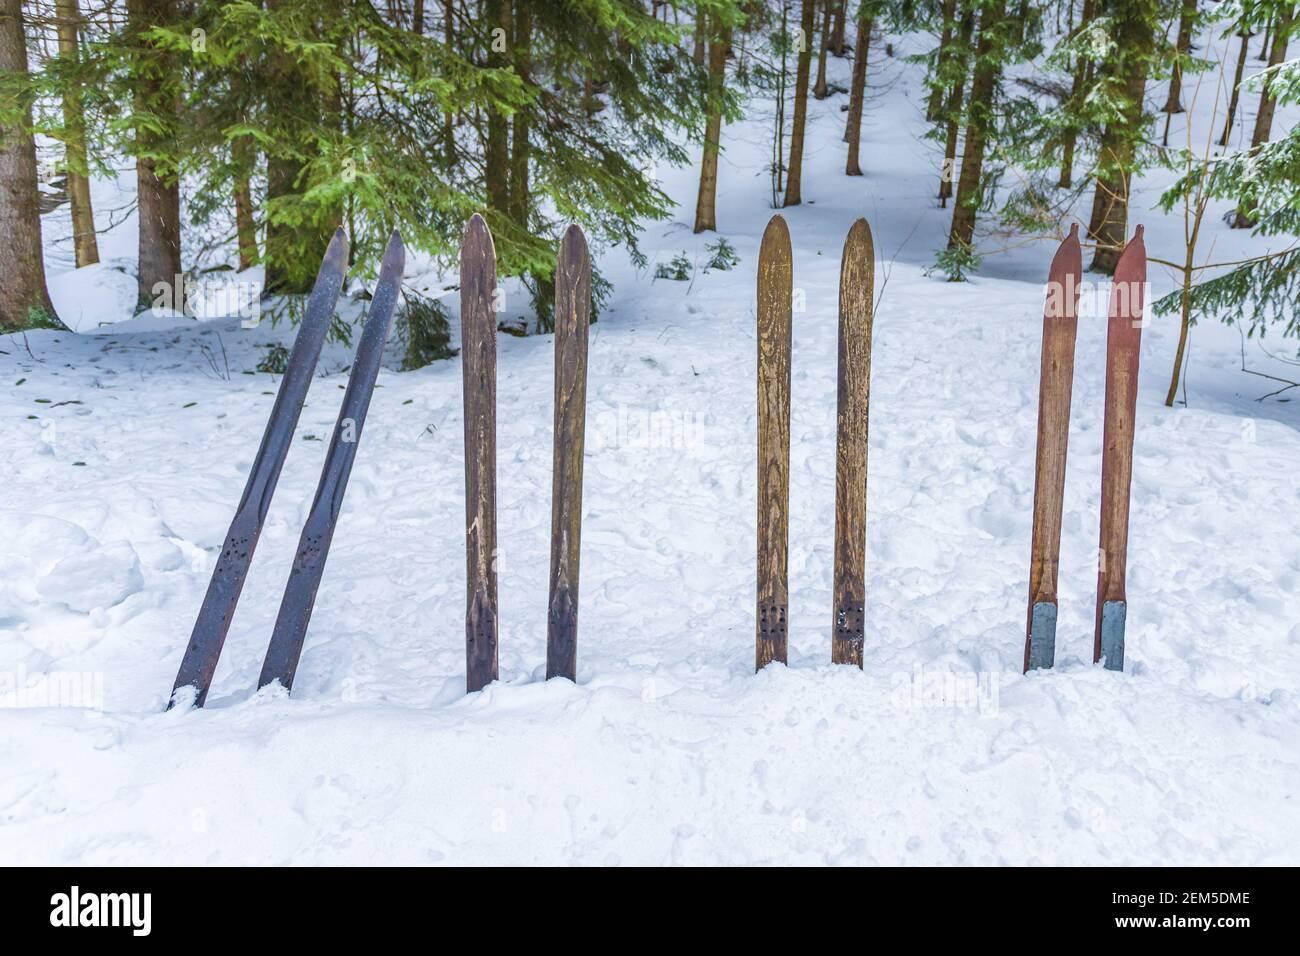 Vieux skis en bois coincés dans la neige dans la partie avant. Arrière-plan des sports d'hiver vintage. Banque D'Images